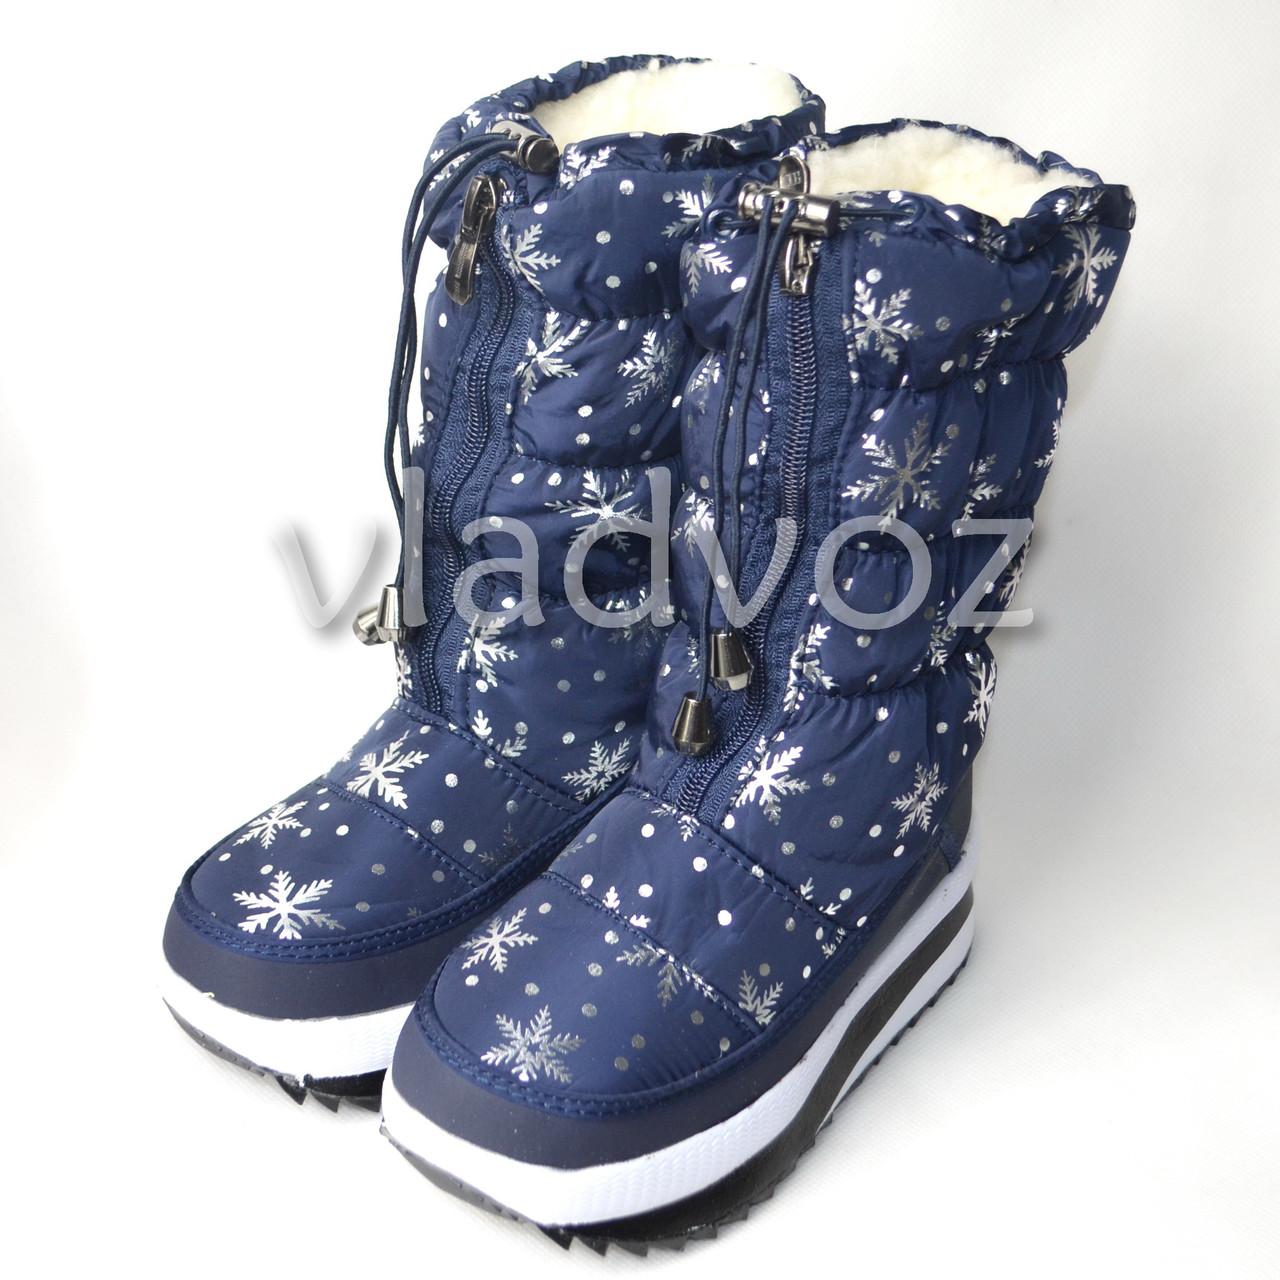 Модные дутики на зиму для девочки сапоги синие снежинки спереди змейка 32р.